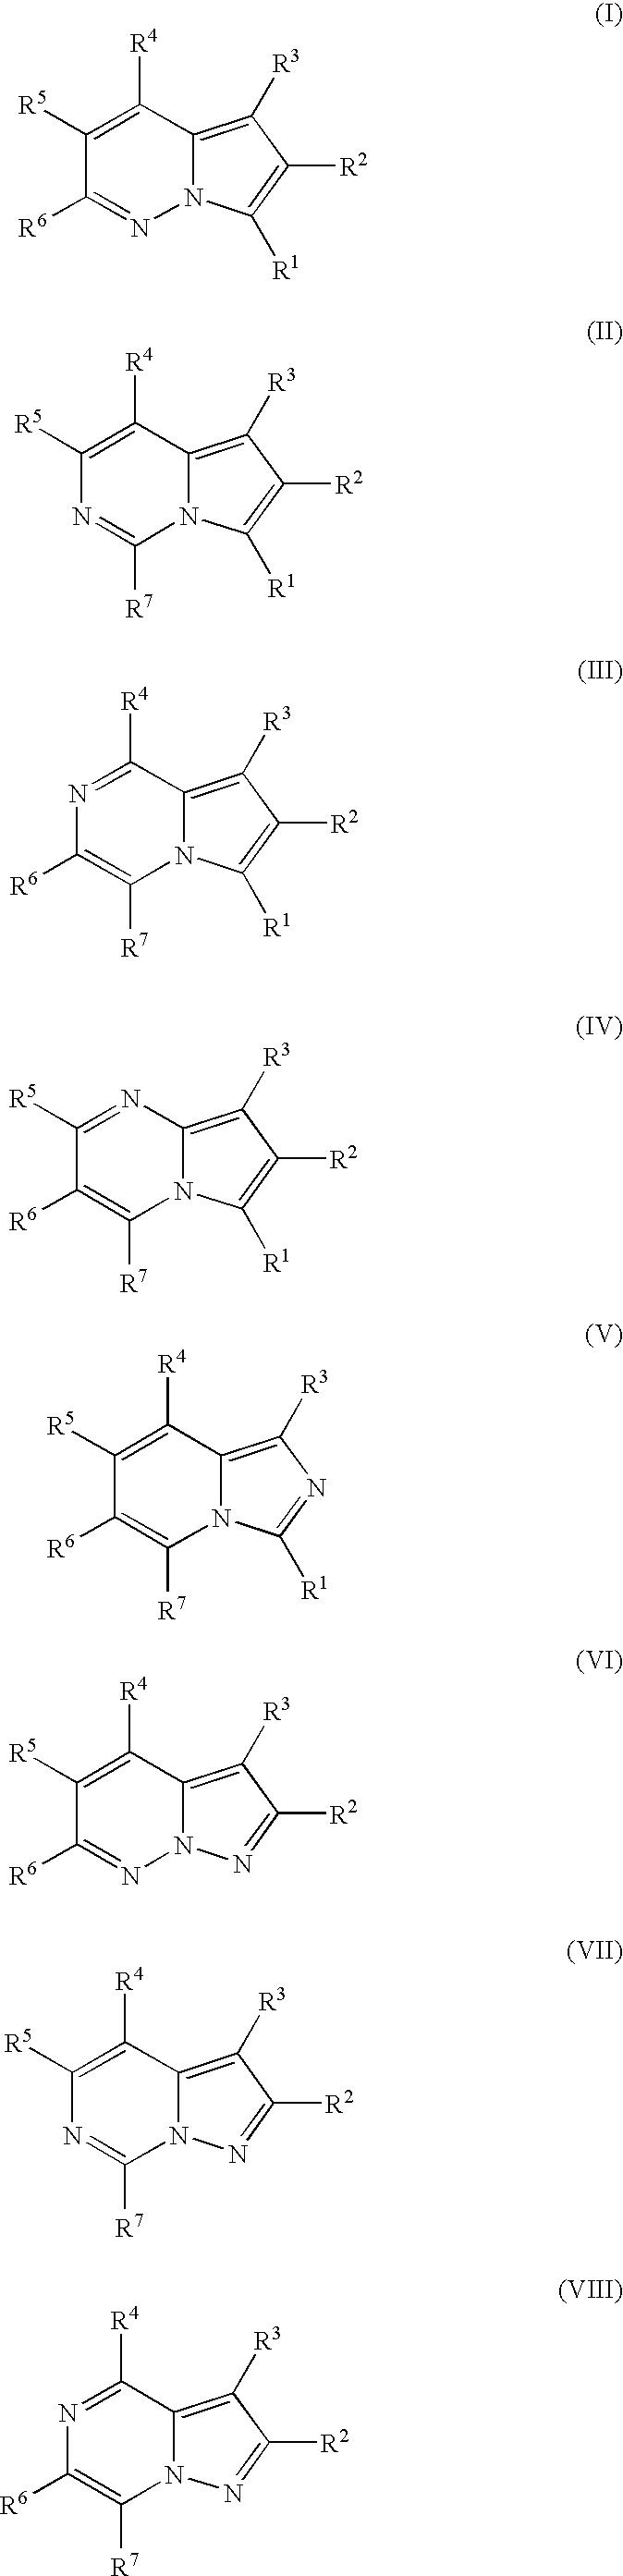 Figure US20060156483A1-20060720-C00008